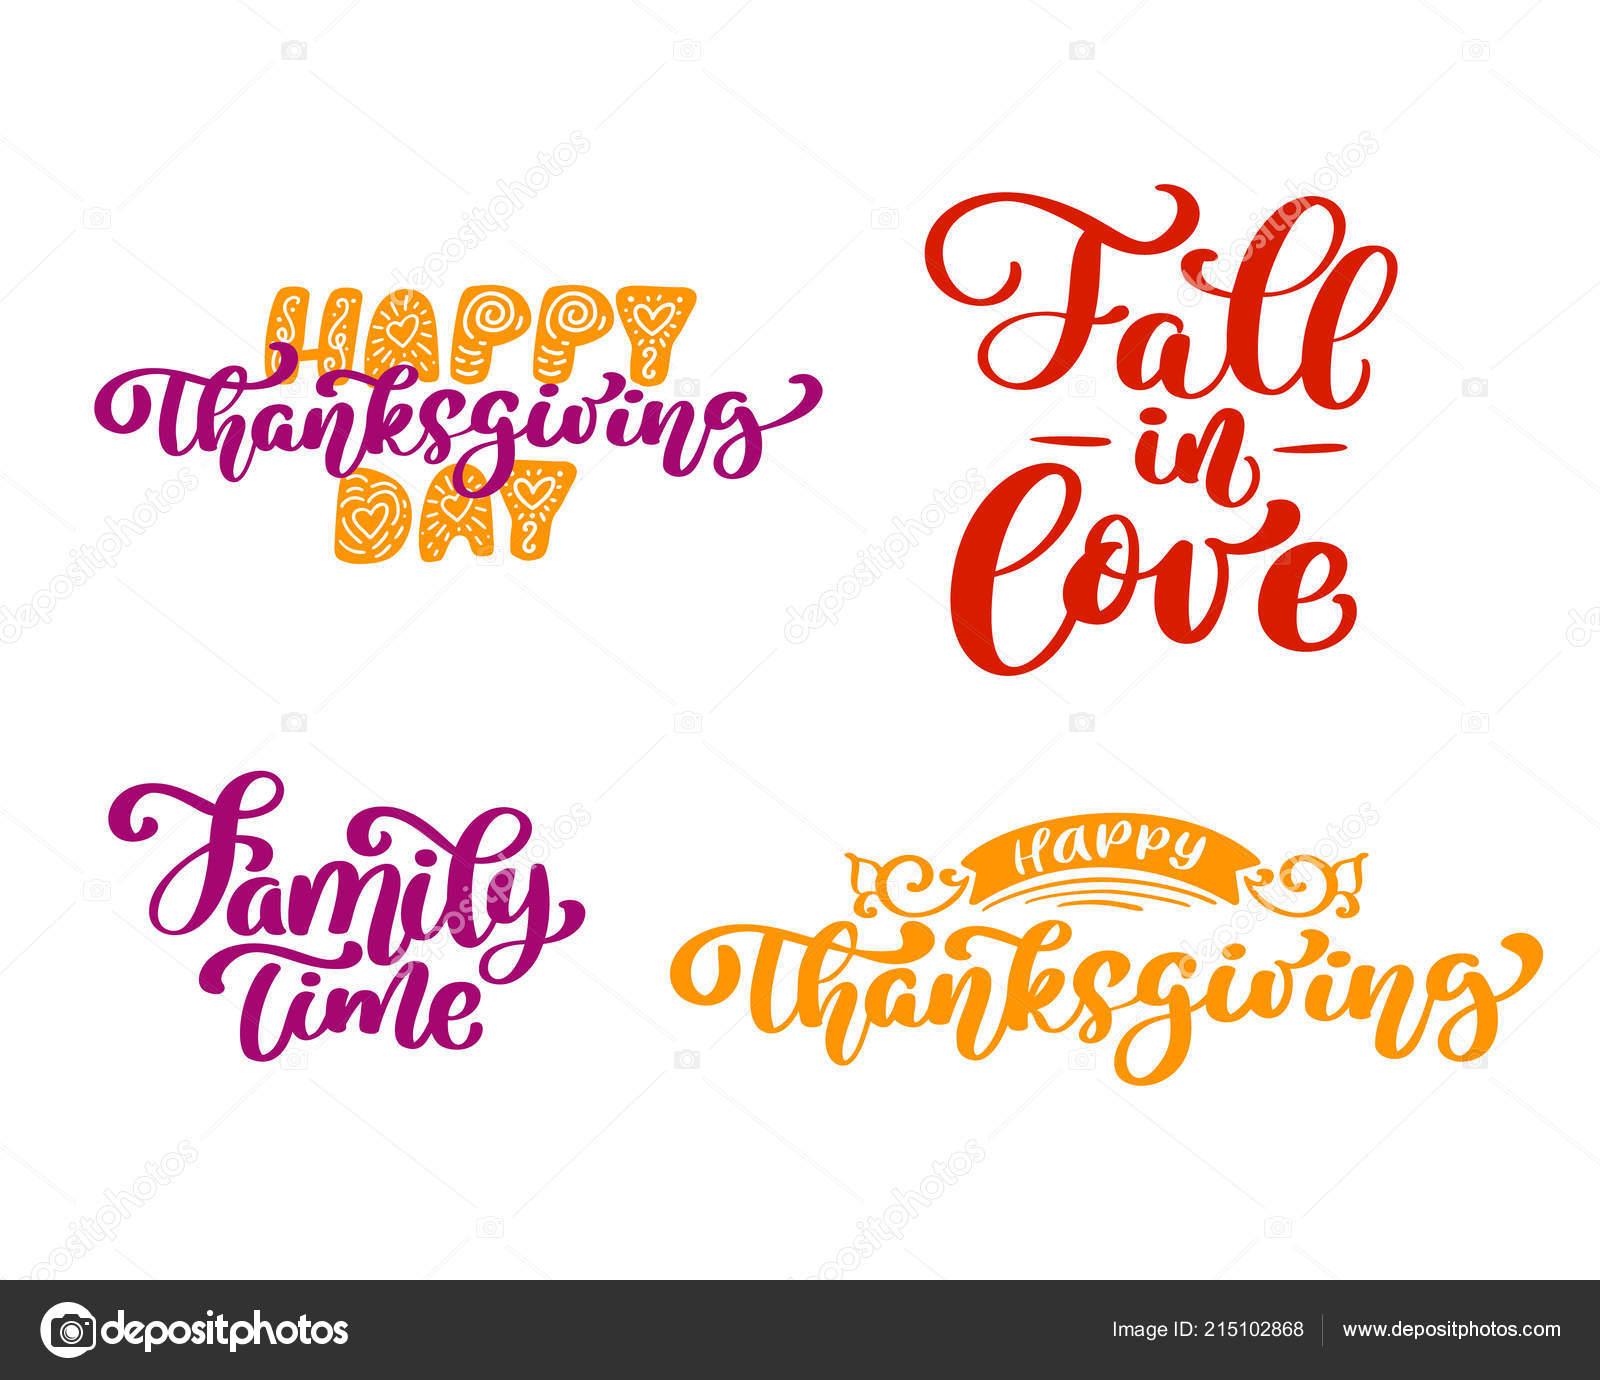 Zestaw Wyrażeń Kaligrafia Happy Thanksgiving Day Upadek Miłość